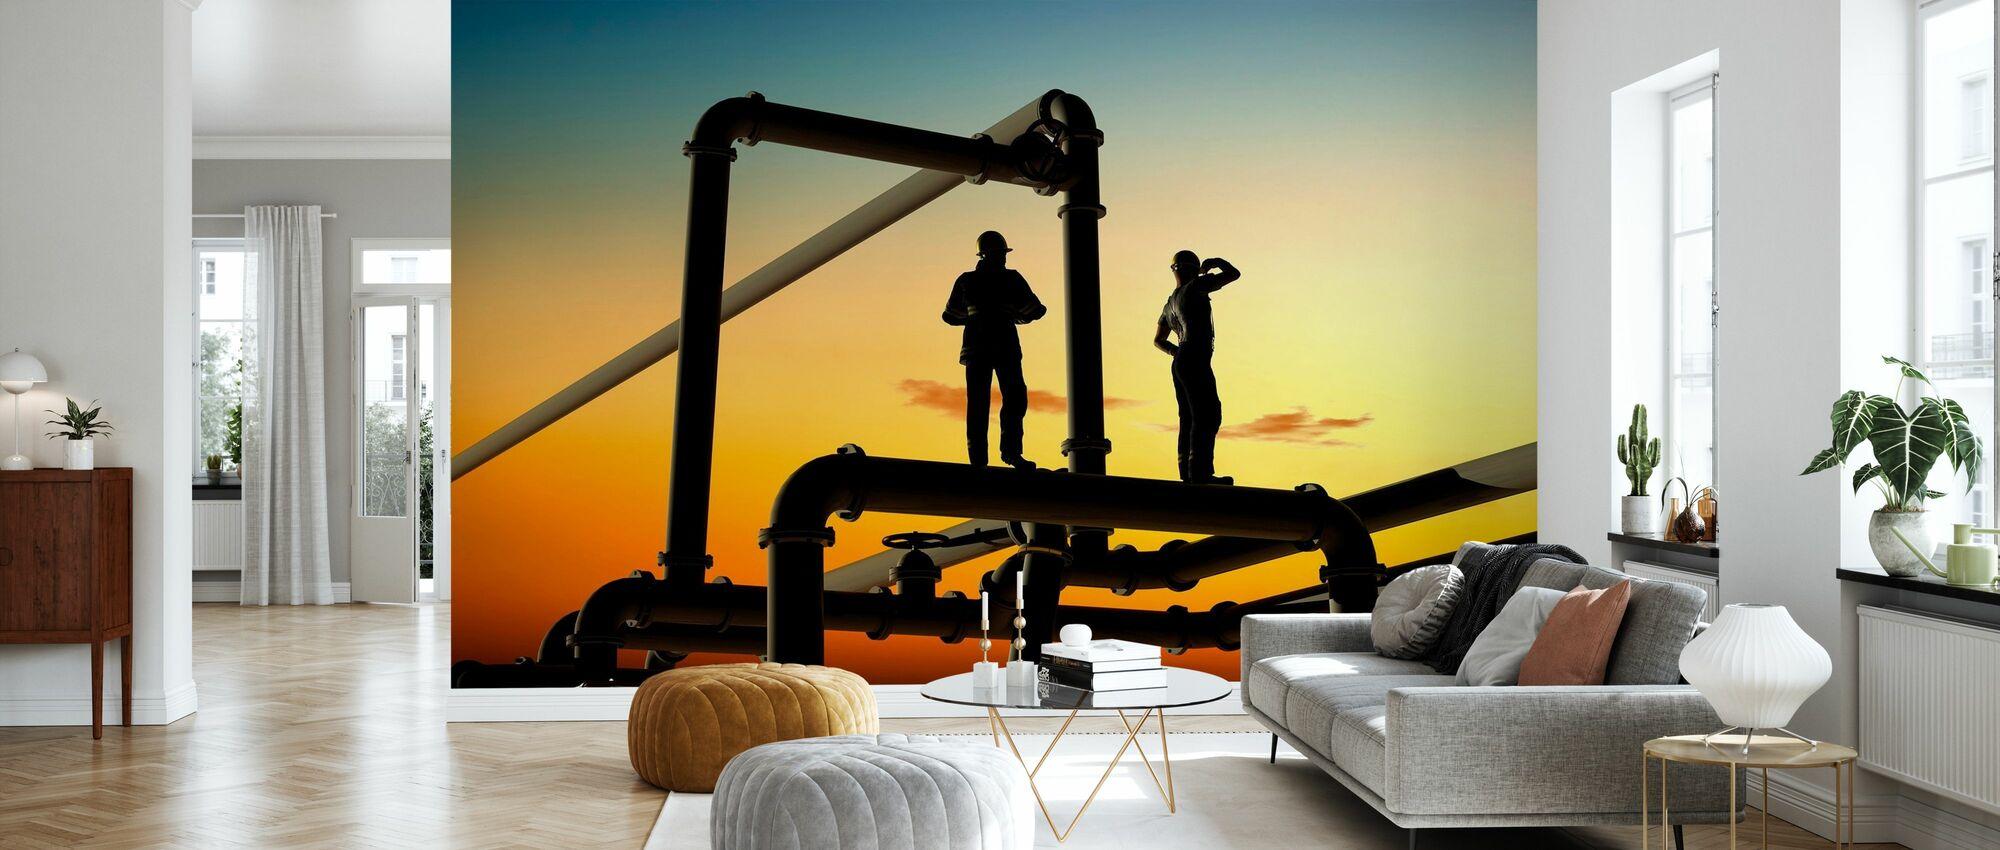 Oliewerkers en leidingen in zonsondergang - Behang - Woonkamer